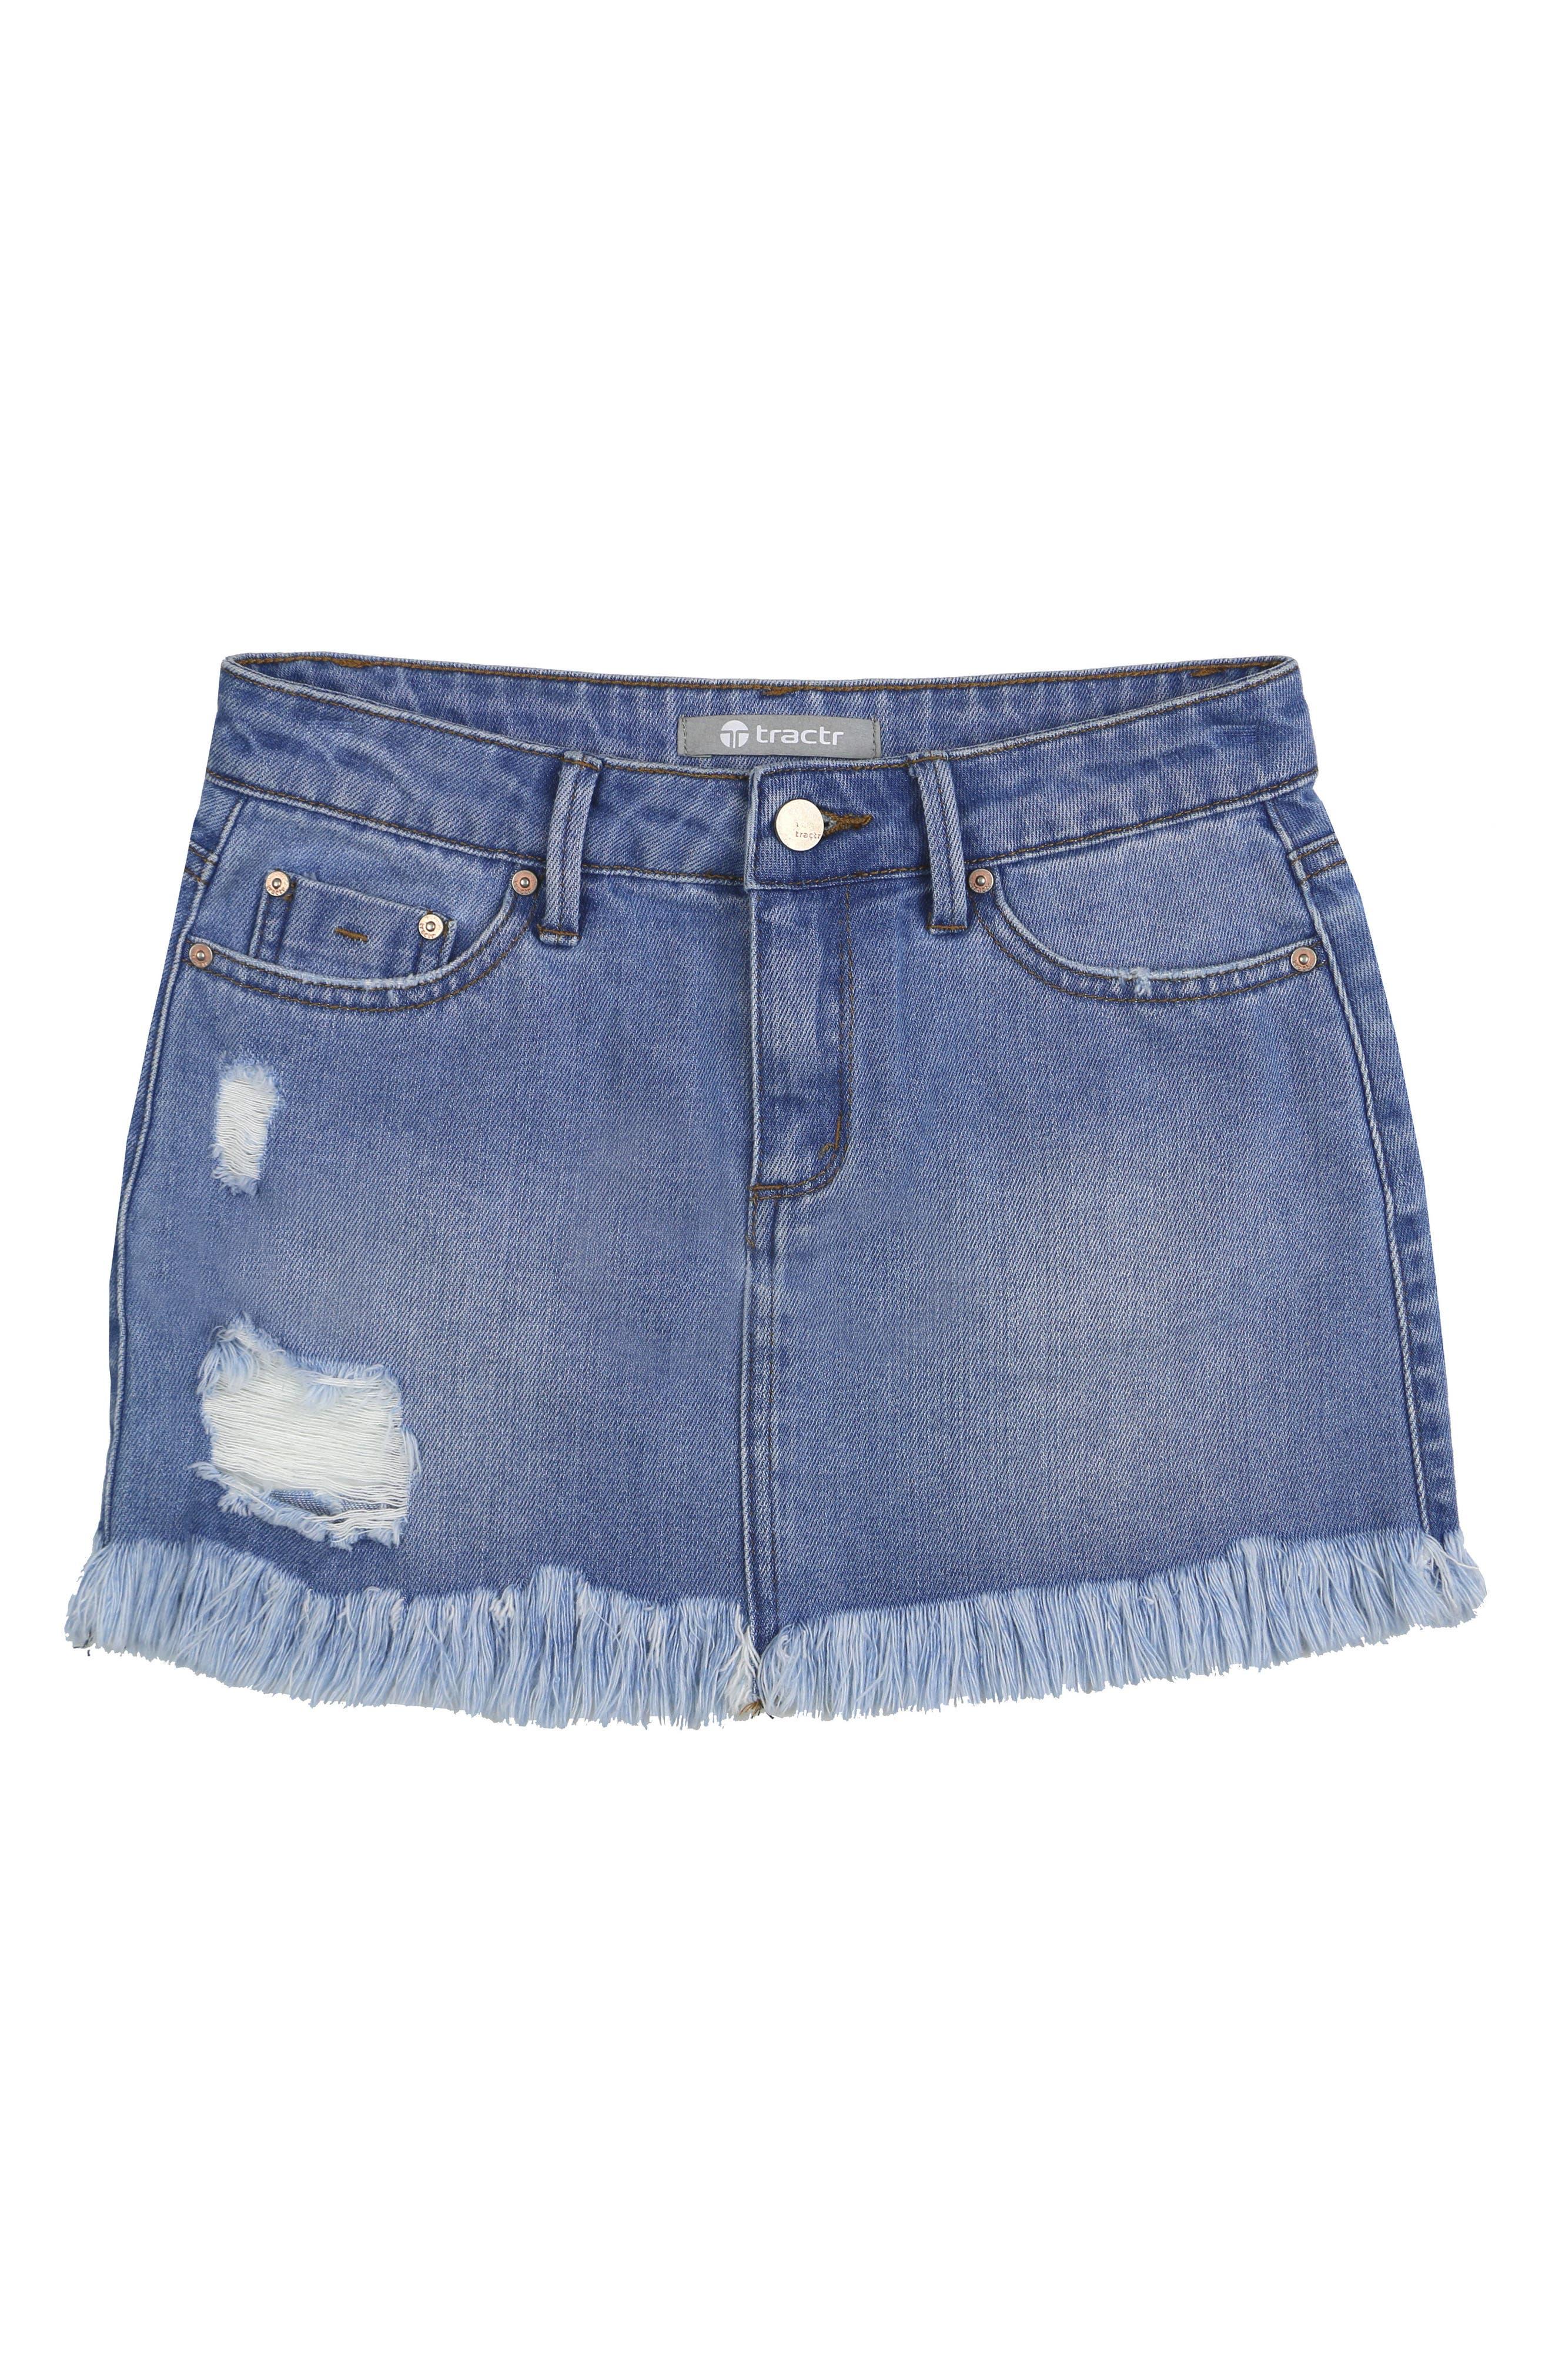 Distressed Denim Skirt,                             Main thumbnail 1, color,                             409